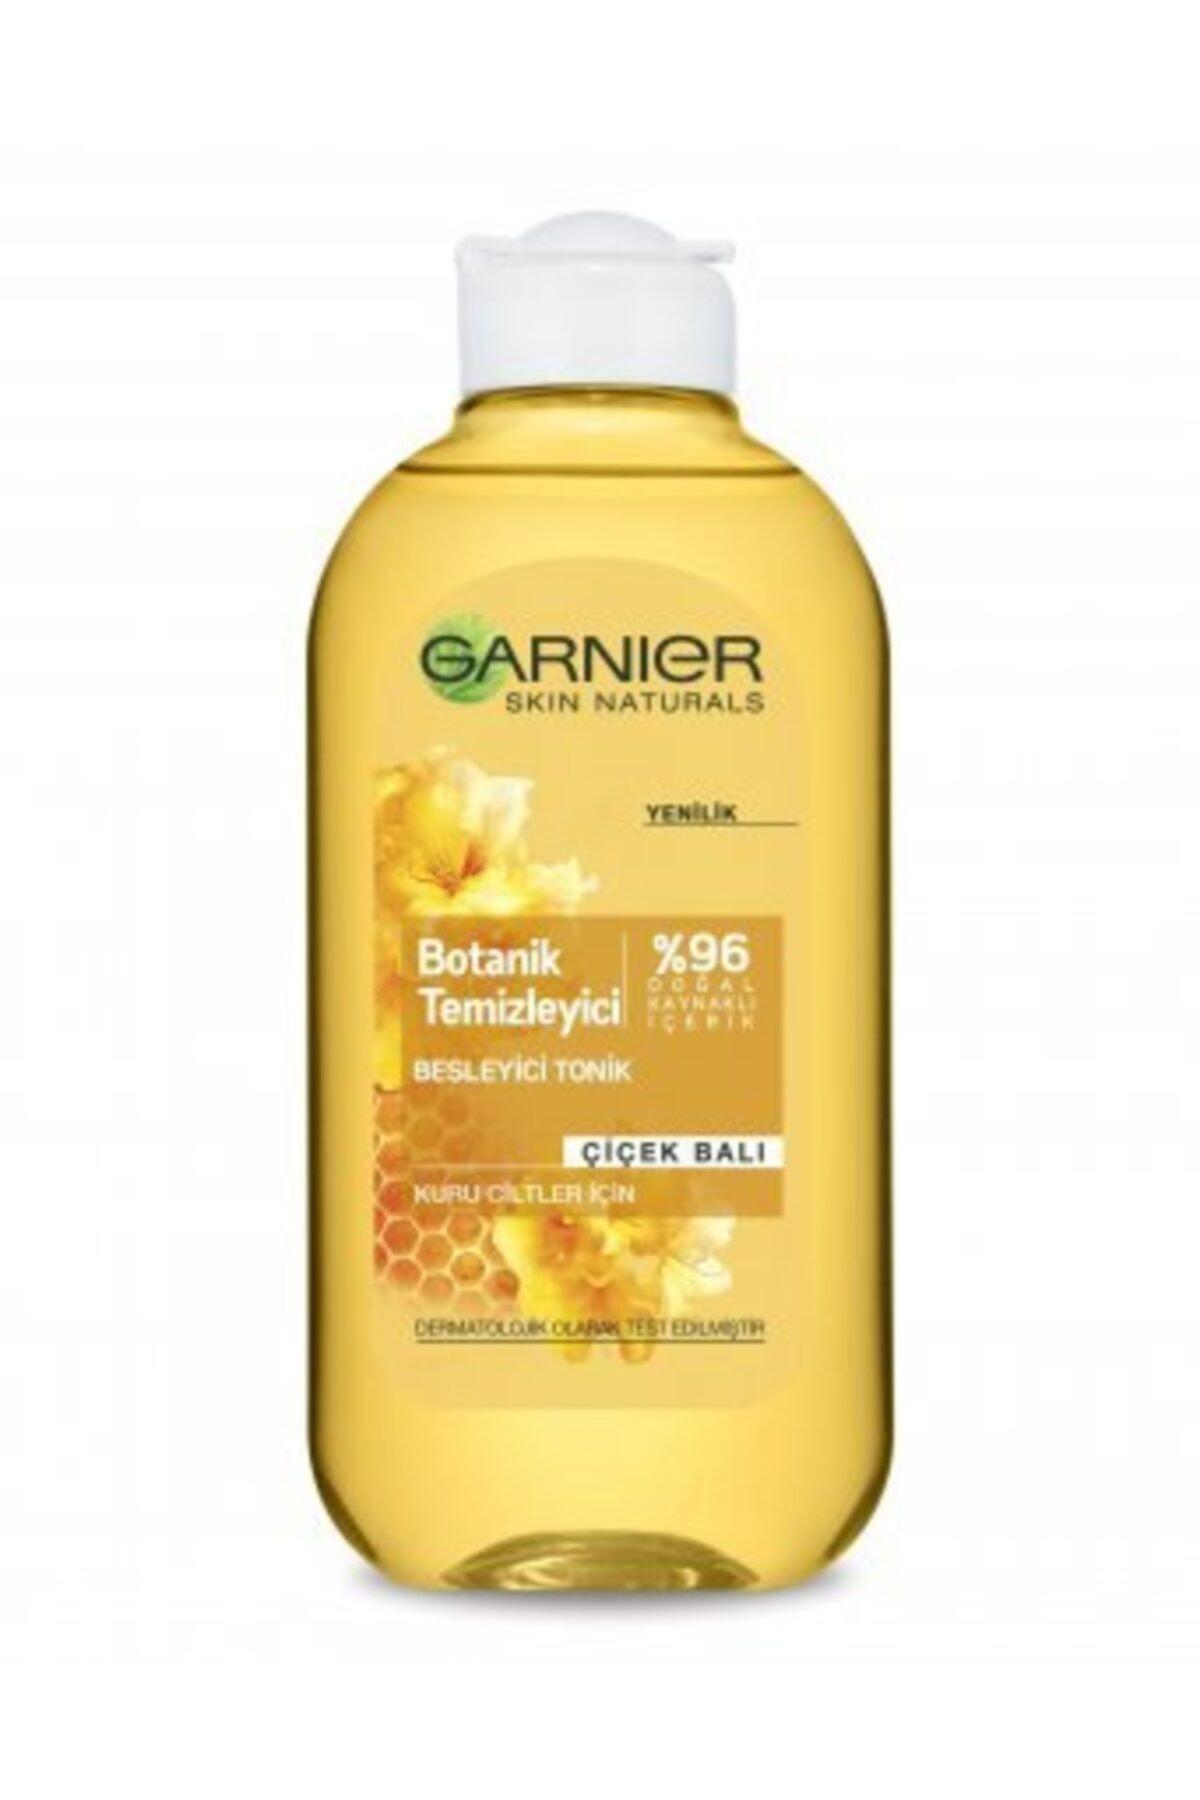 Garnier Botanik Besleyici Bal Tonik 200 Ml 1